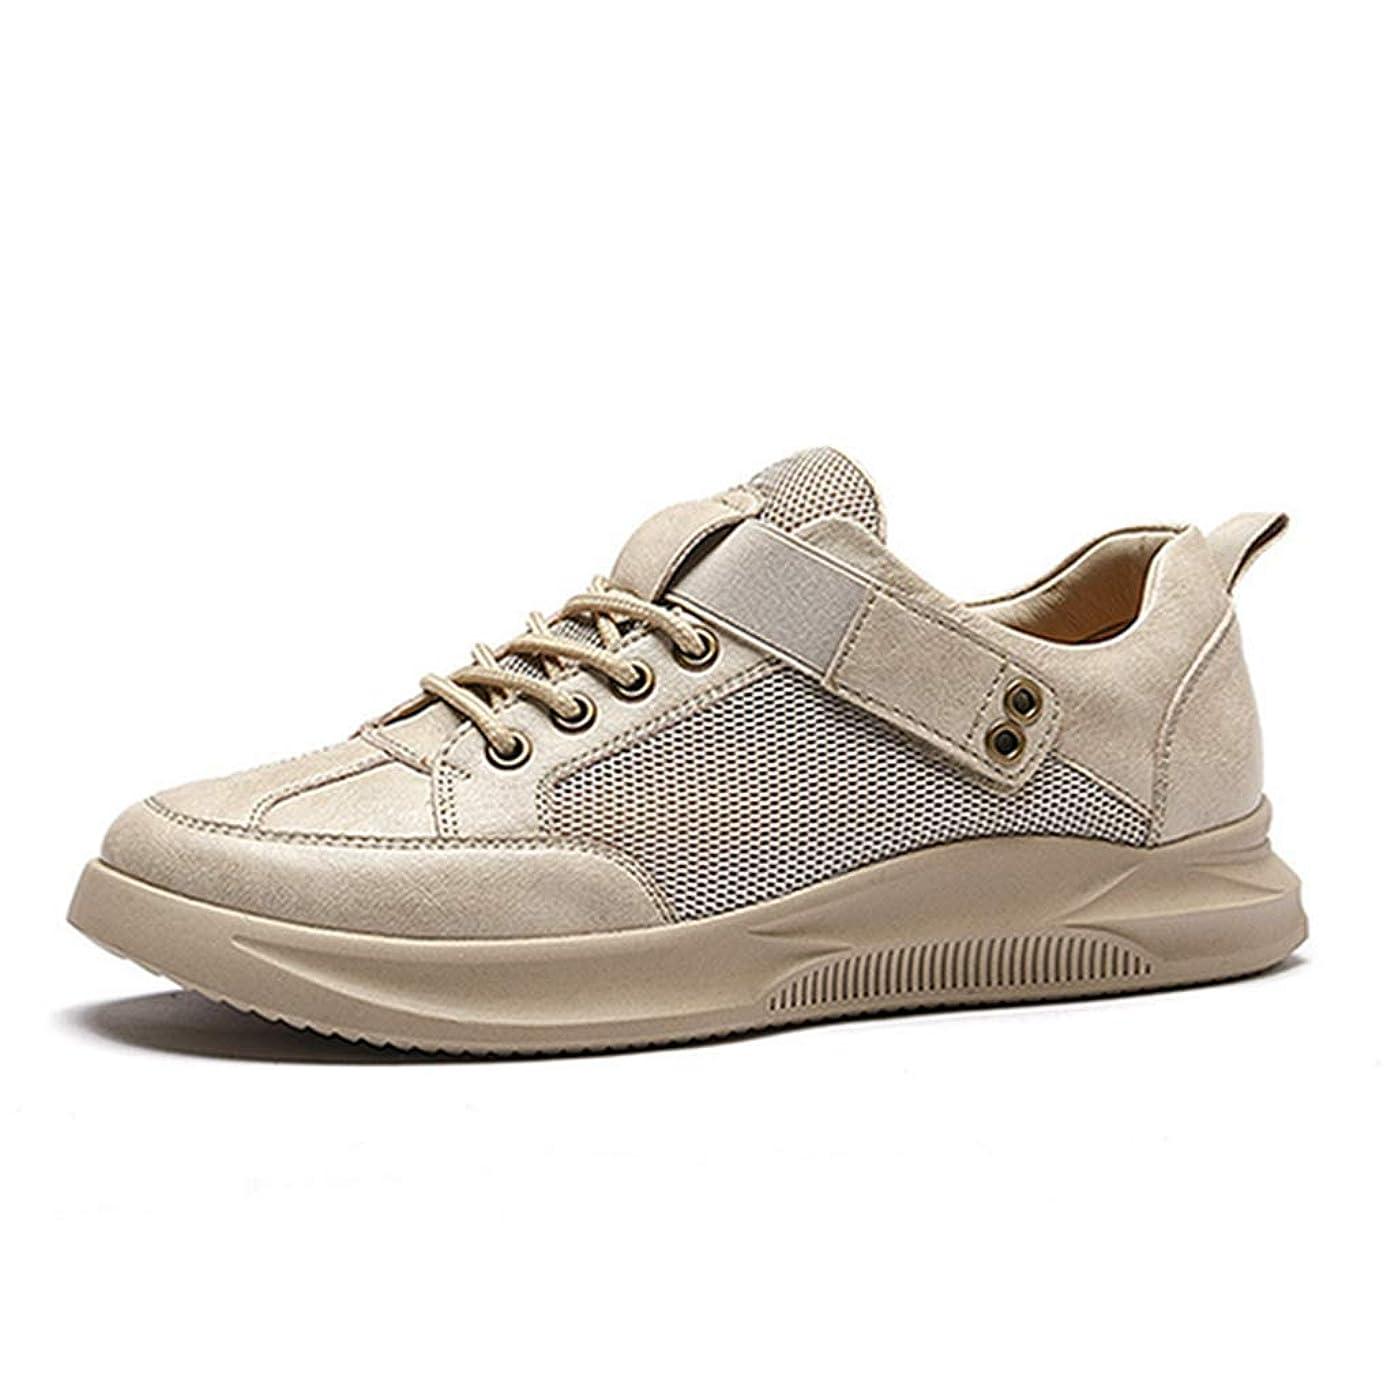 横本質的ではない適切に[リンゼ] カジュアルシューズ スニーカー メンズ ローカット お洒落 レースアップ 男性 ファッション おしゃれ ウォーキングシューズ デッキシューズ デニム ズック靴 メンズスニーカー 通学靴 スクールシューズ 軽量